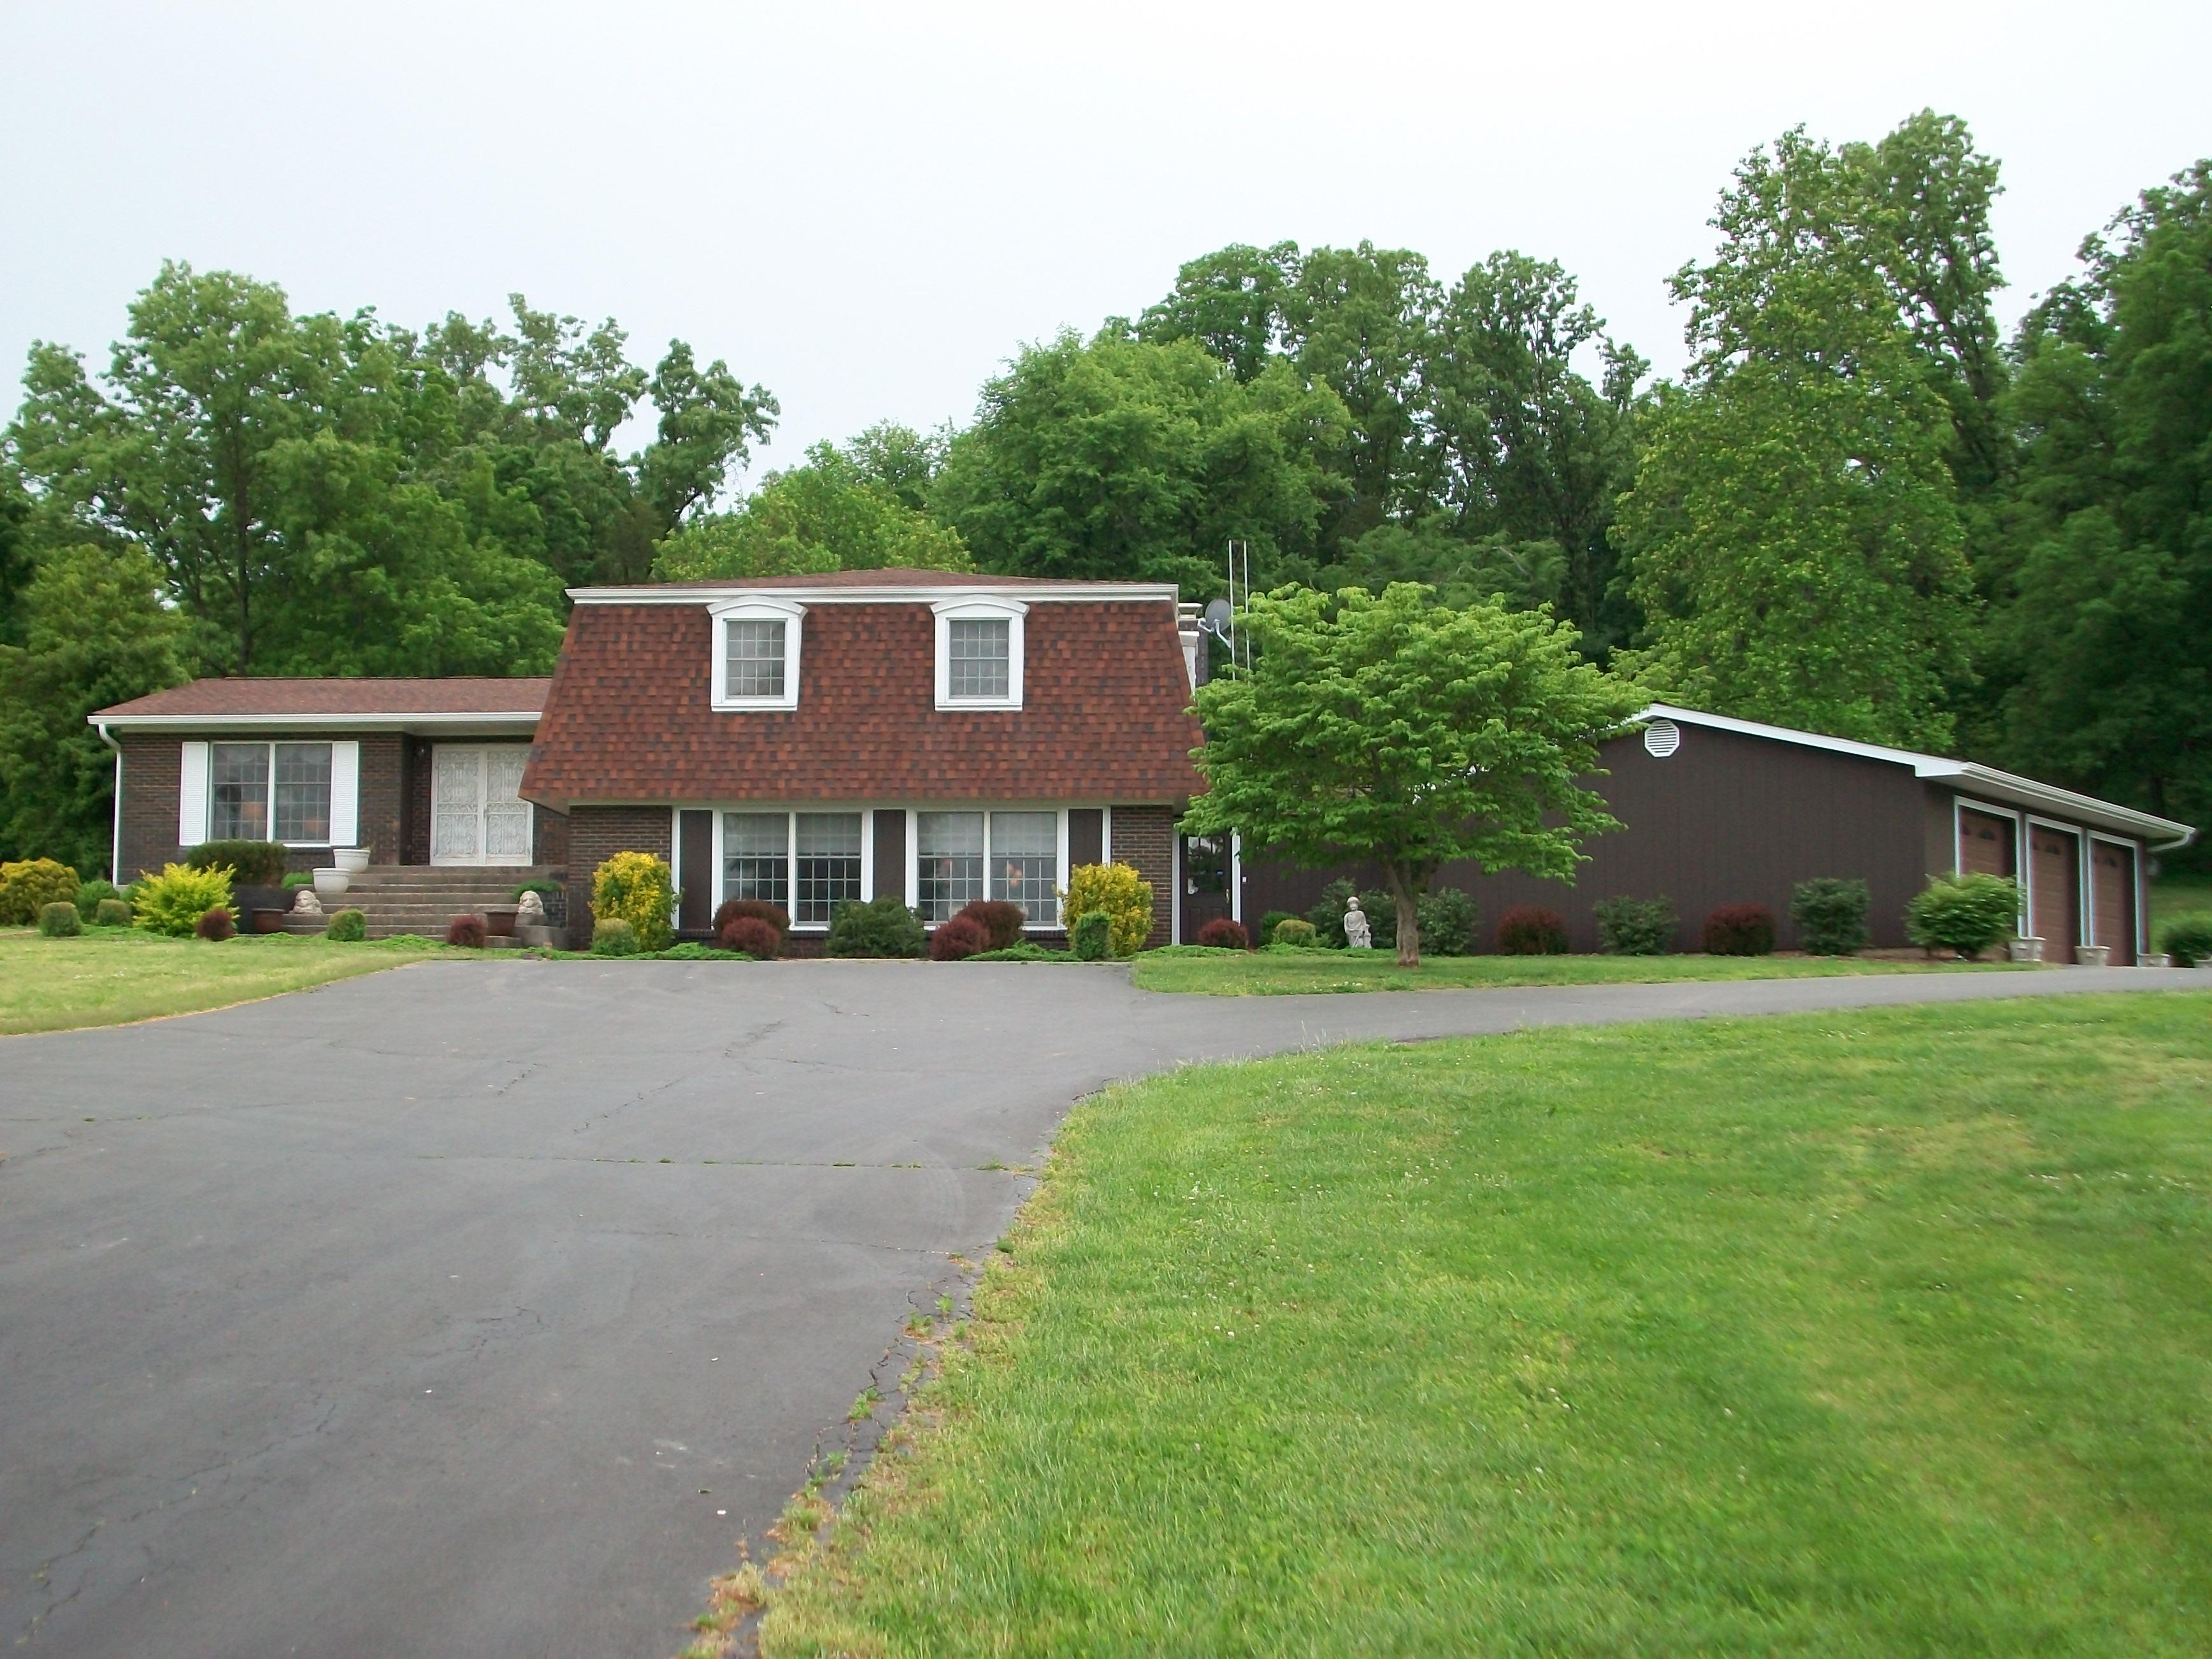 1504 West Hwy 72, Fredericktown, Missouri 63645